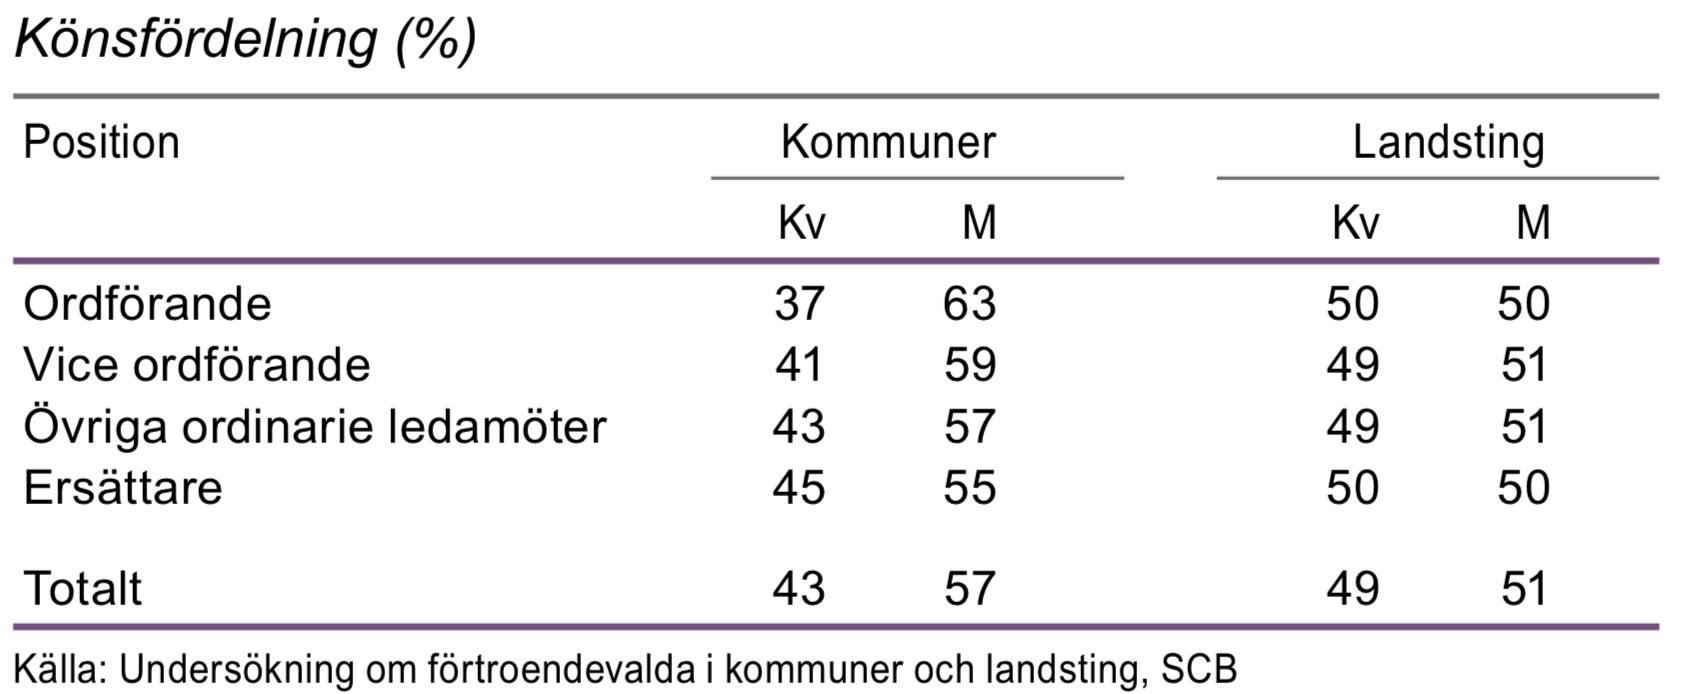 Förtroendeuppdrag i kommuner och landsting efter position 2015